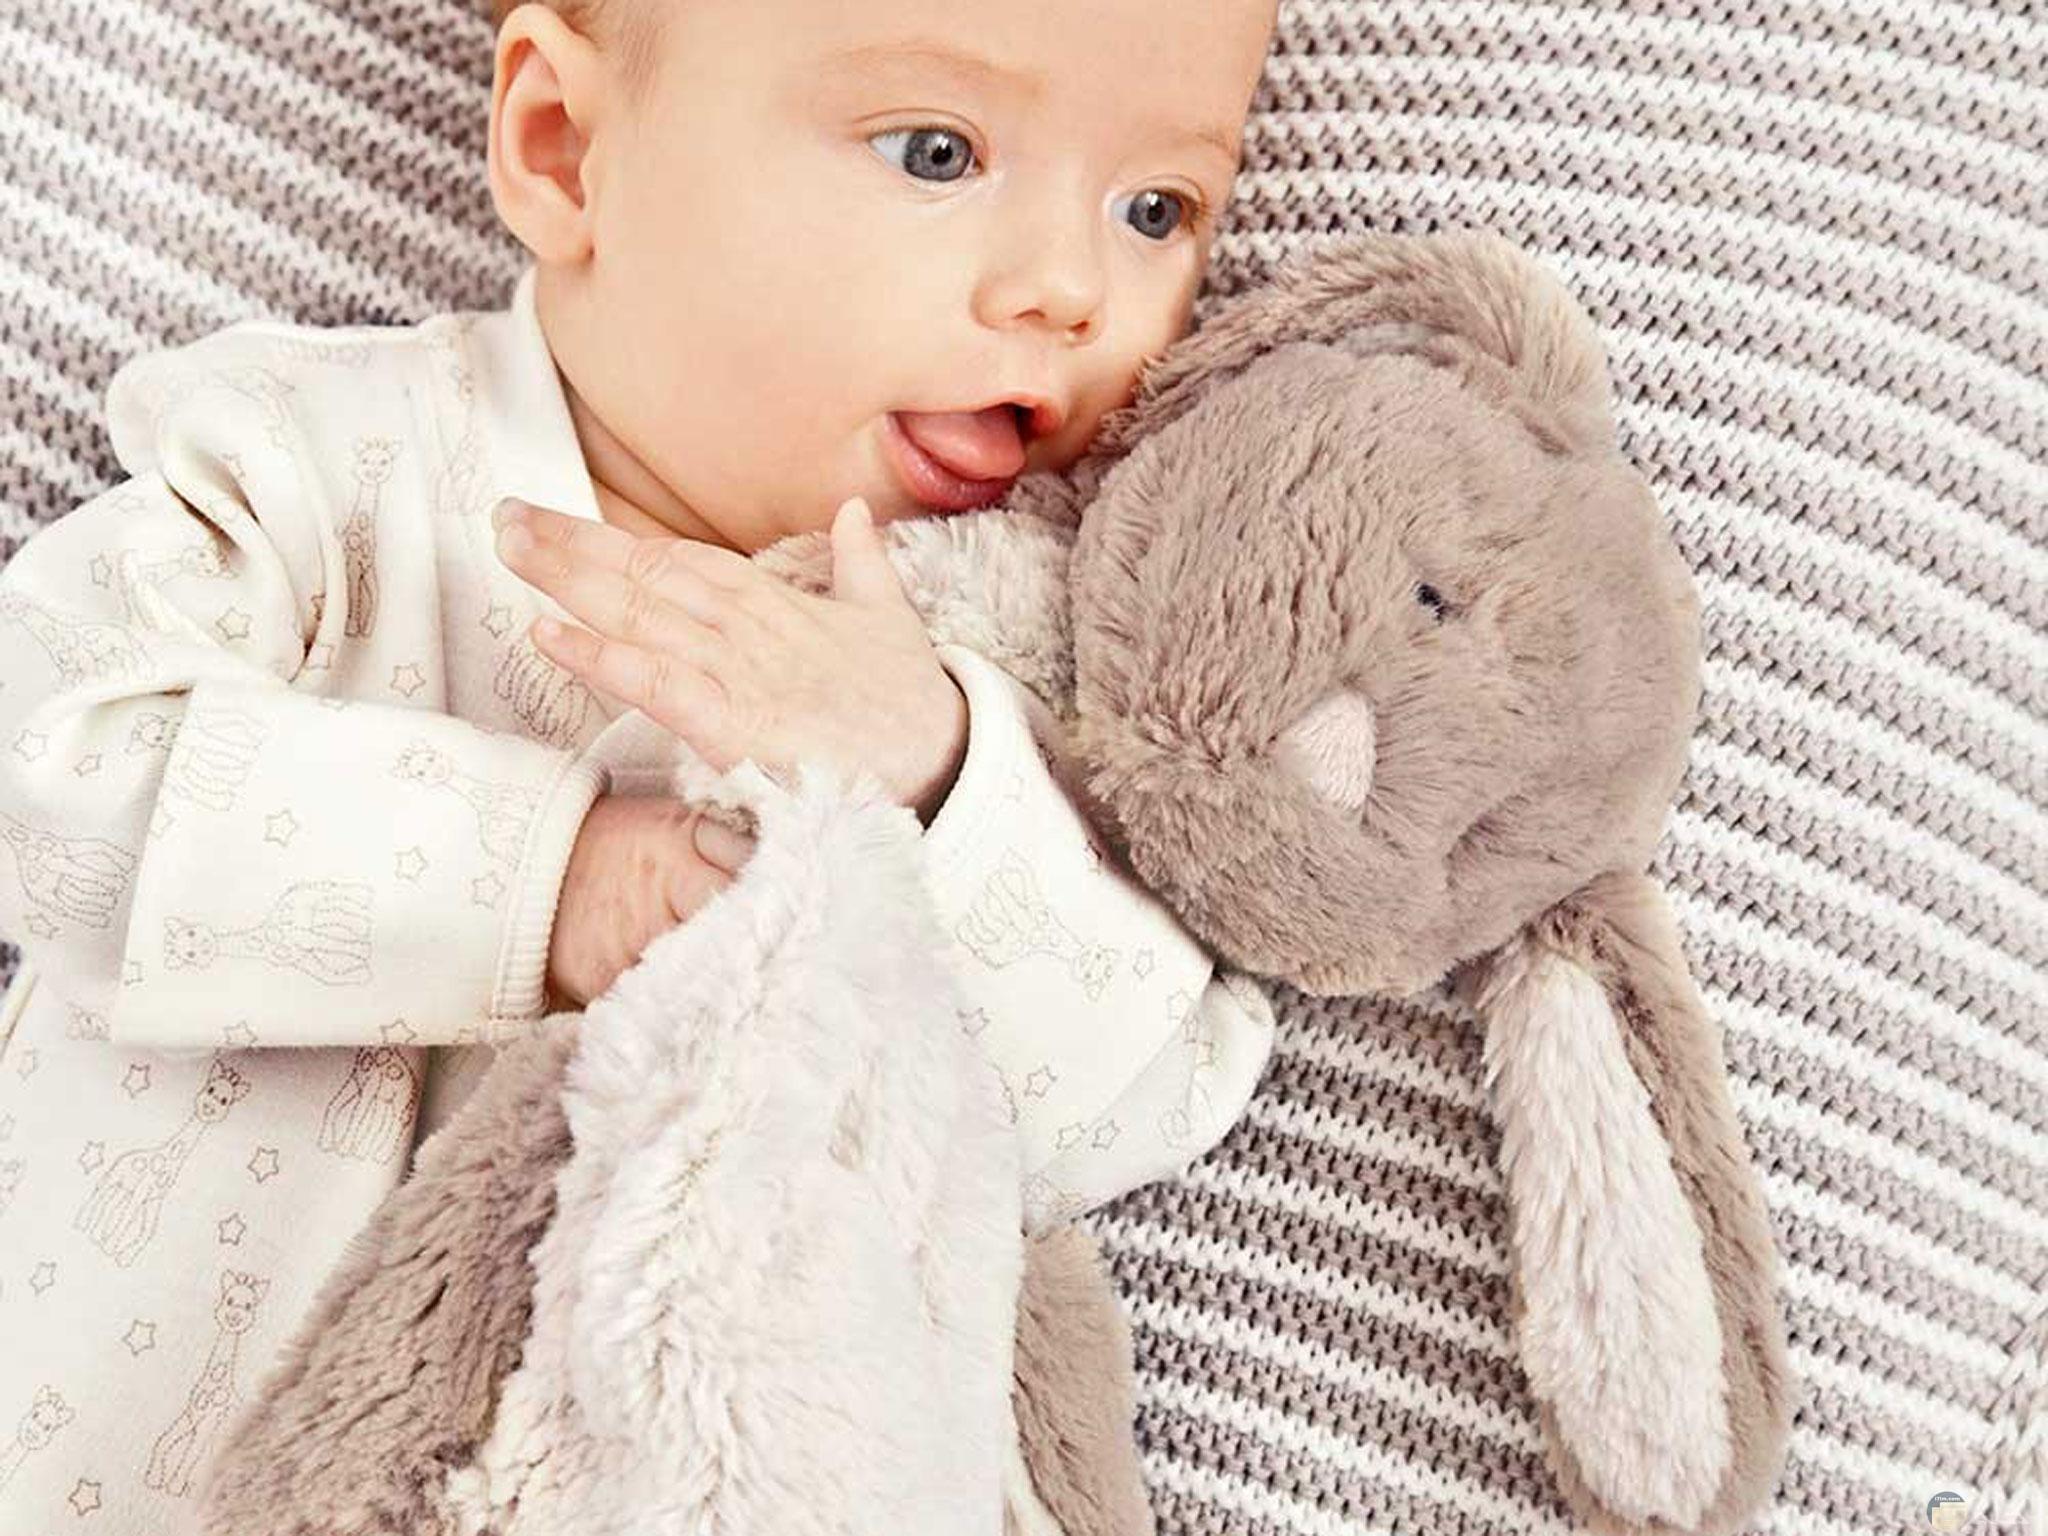 صورة للبس جميل شتوي للأطفال مع دبدوب جميل صغير